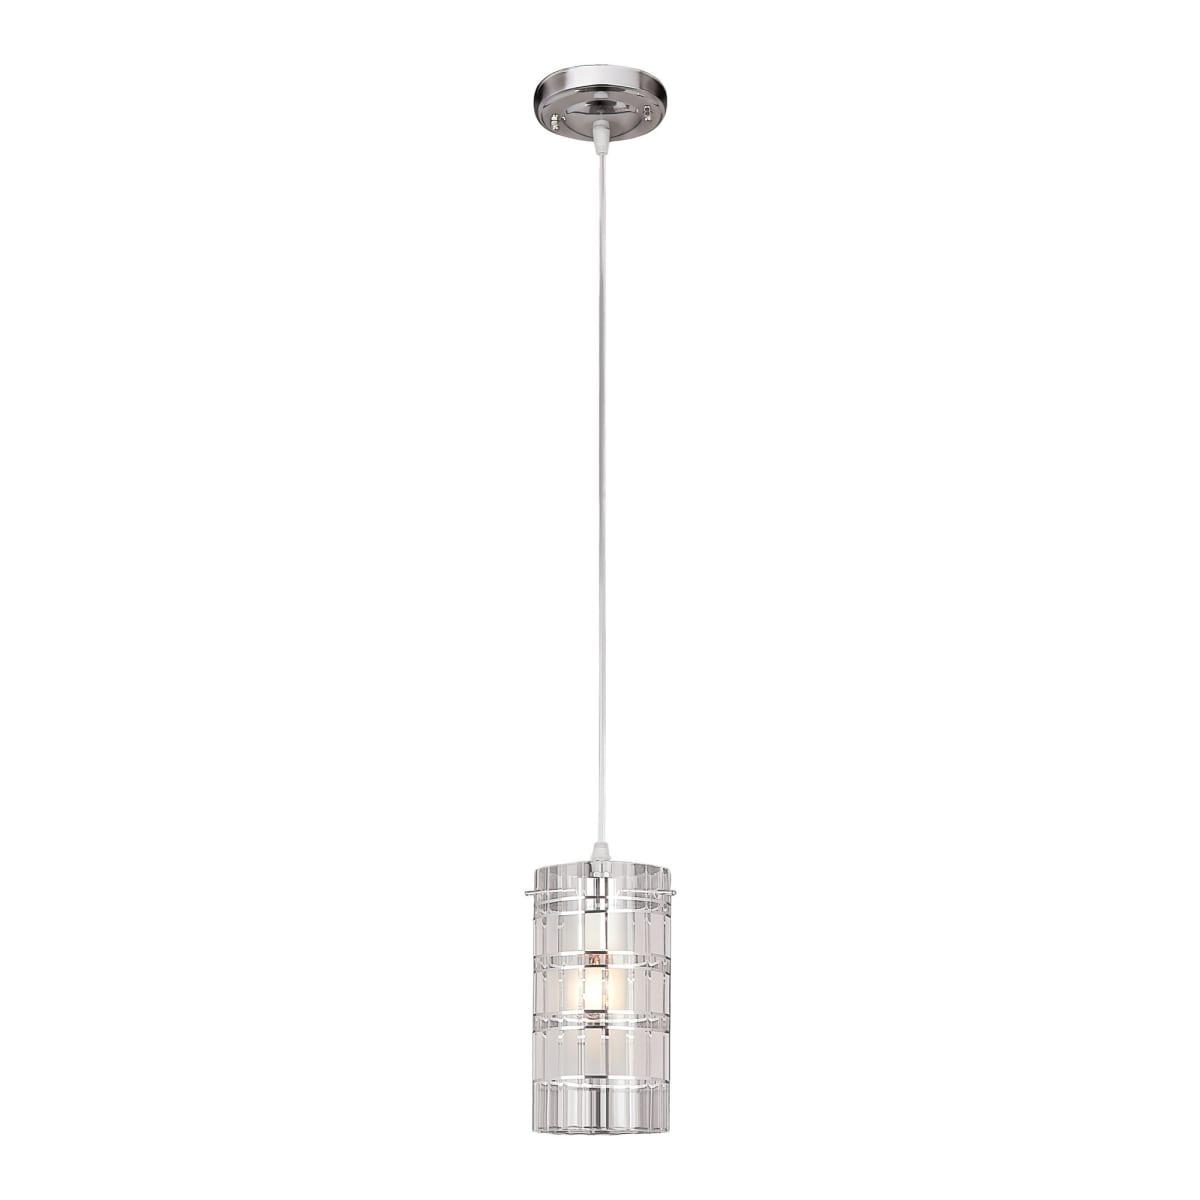 Светильник подвесной Eurosvet Аксиома, 1 лампа, 5 м², цвет хром